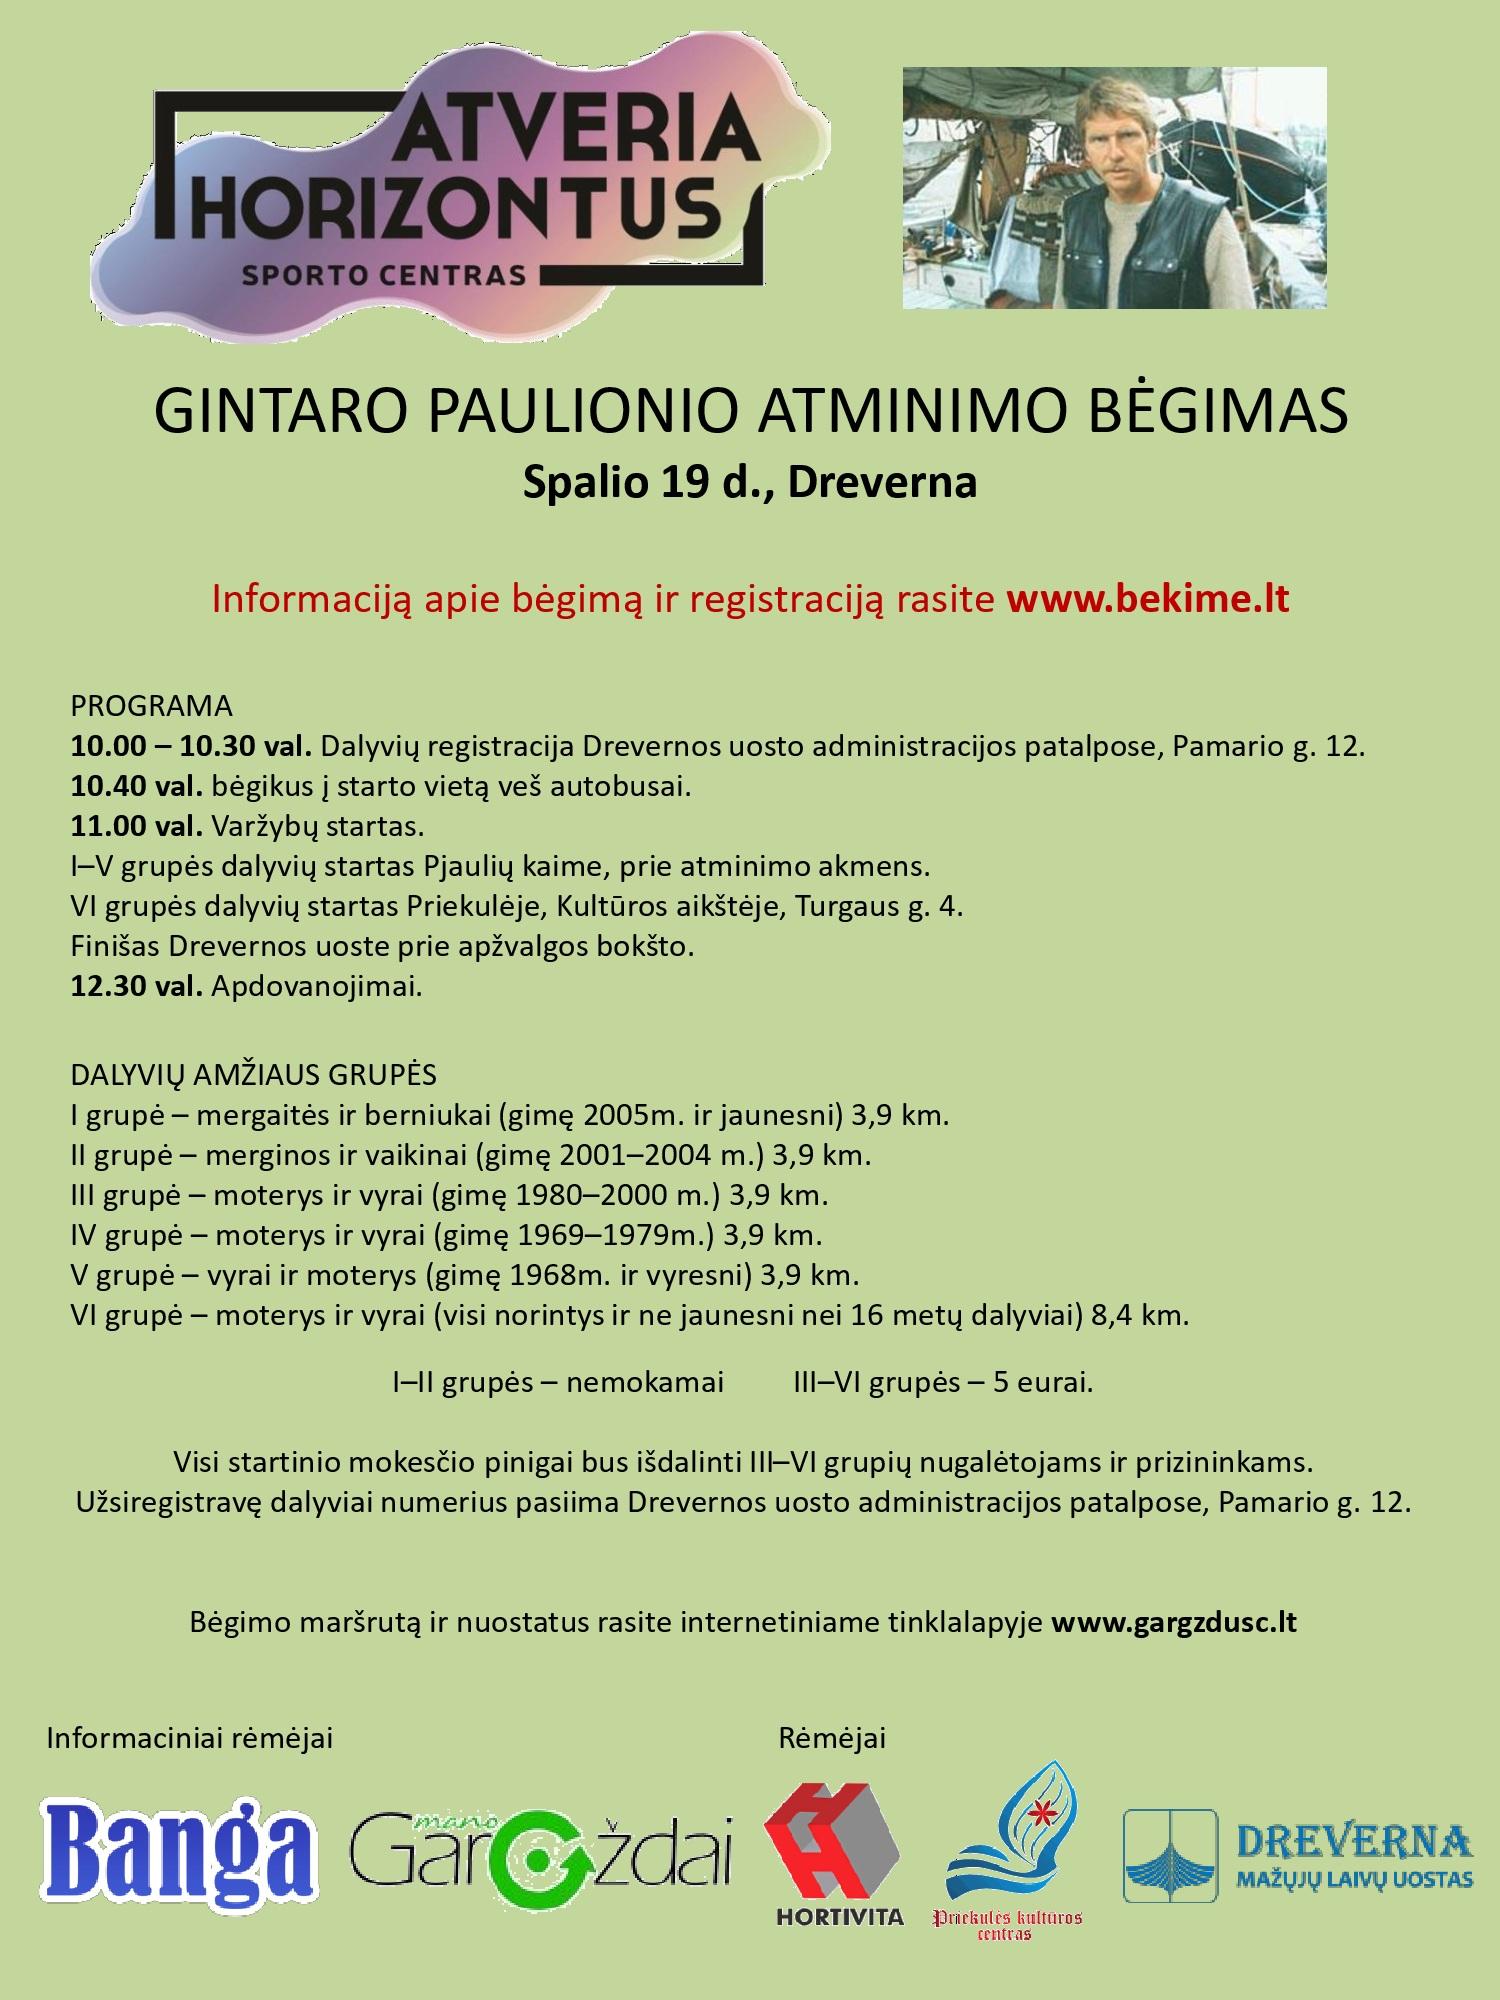 Prasideda registracija į Gintaro Paulionio atminimo bėgimą Drevernoje